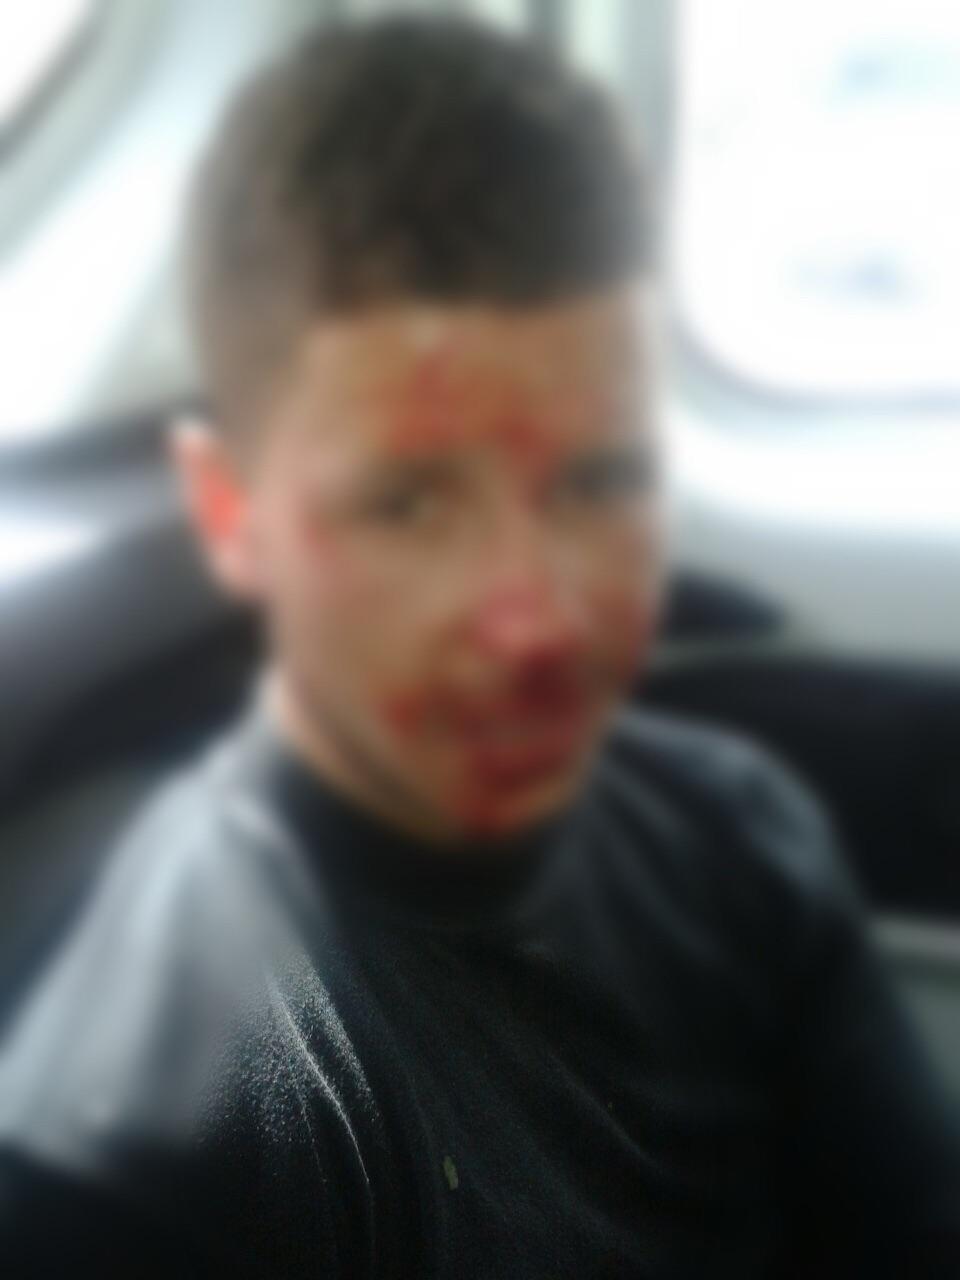 صورة للص الموقوف تظهر الأضرار التي تعرض لها في وجهه وقد تم وضع الضباب عليها